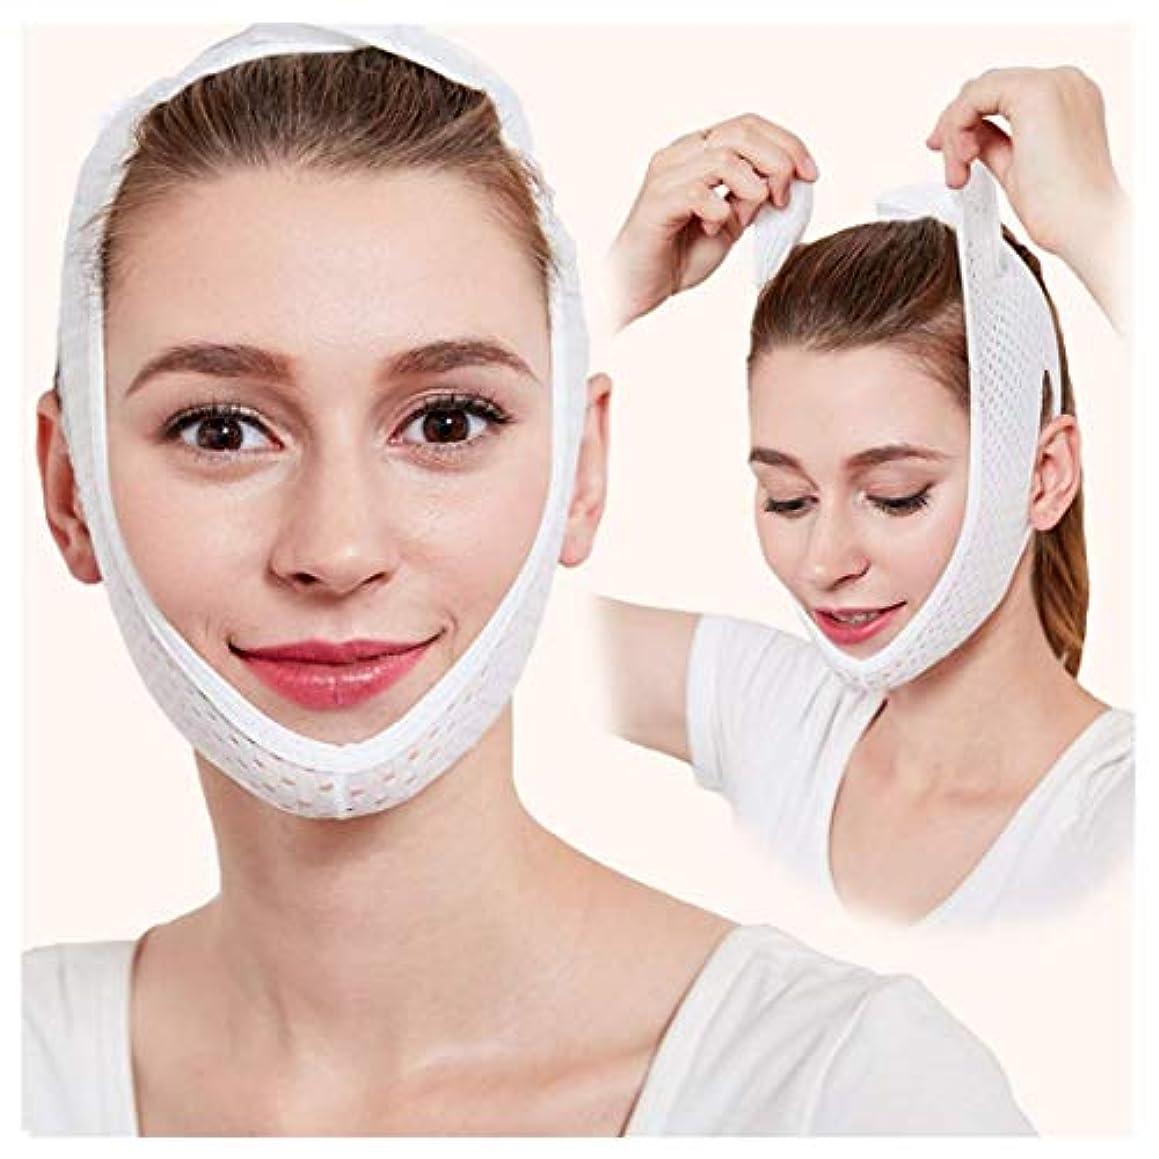 バンドミニチュア起訴するWSJTT 顔のリフティングストラップ、Vラインファーミングラップは、女性のためのバージョンVシェイプフェイススリミングマスクアップグレードリフティングネック二重あごベルトスキンケアチンマスク